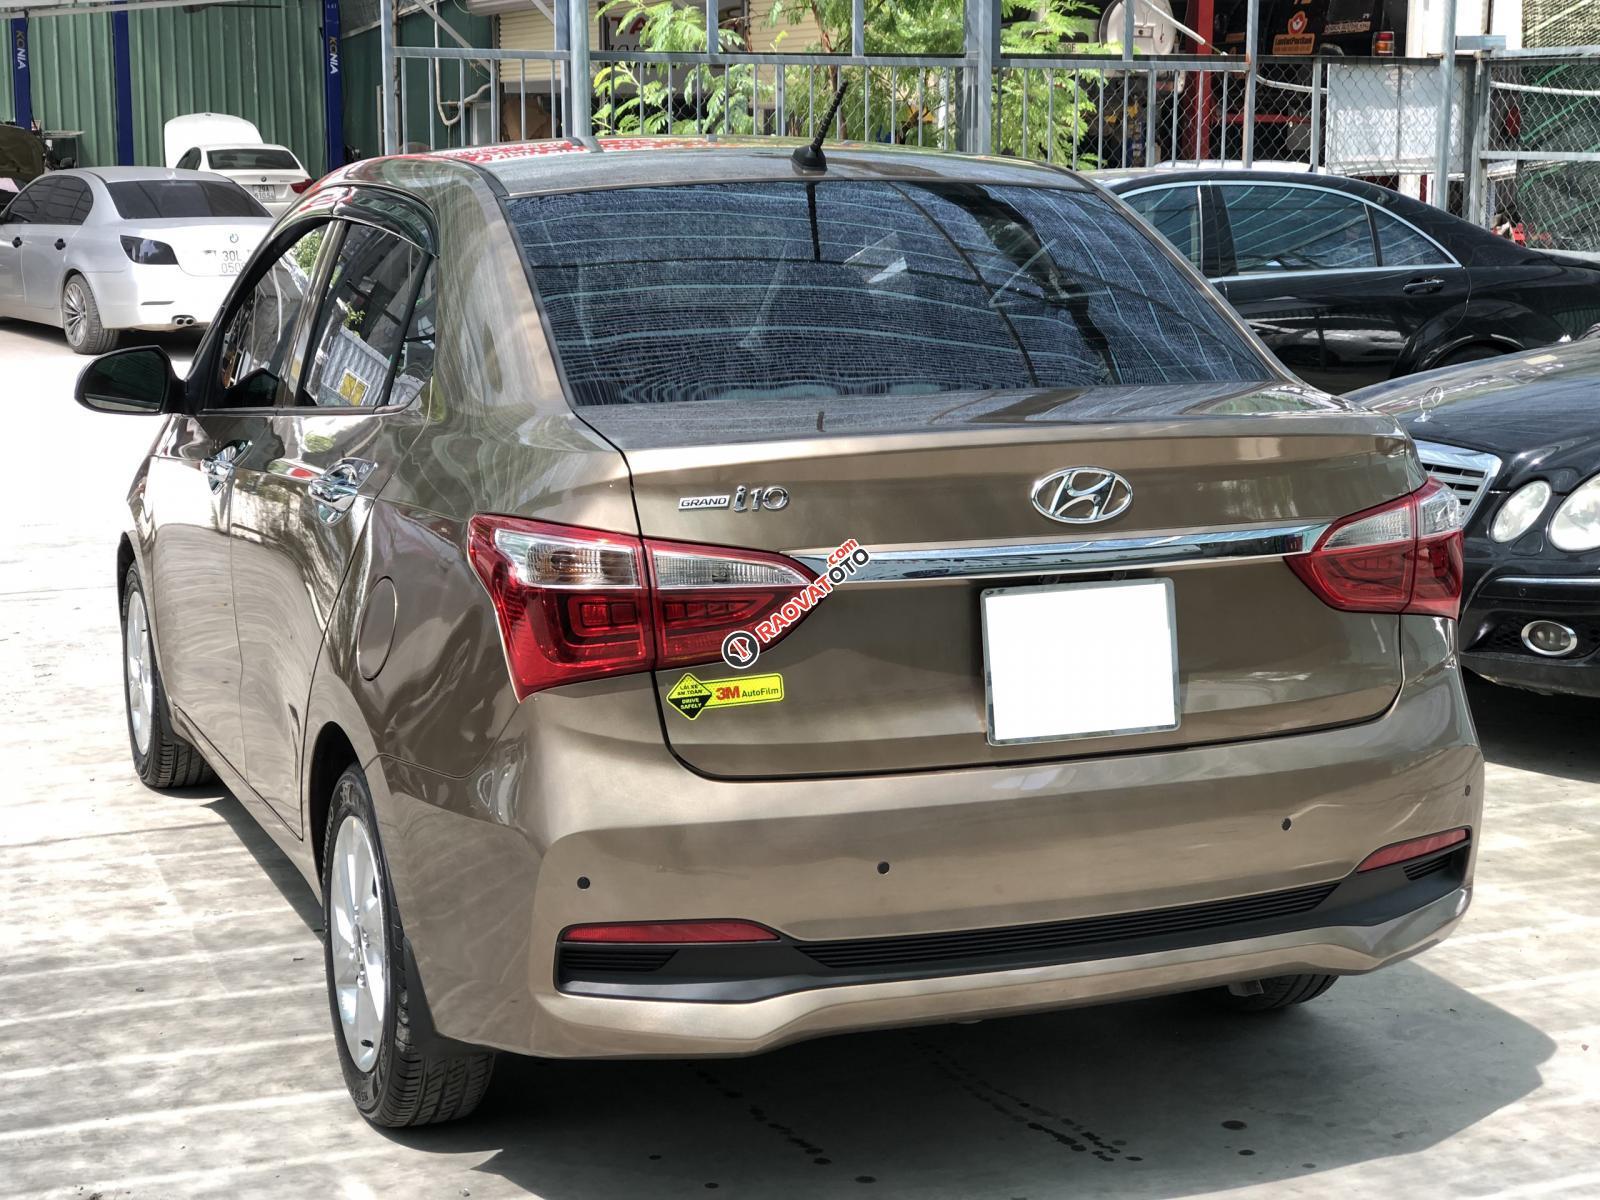 Cần bán xe Hyundai Grand i10 đời 2019, màu vàng, giá chỉ 436 triệu-2